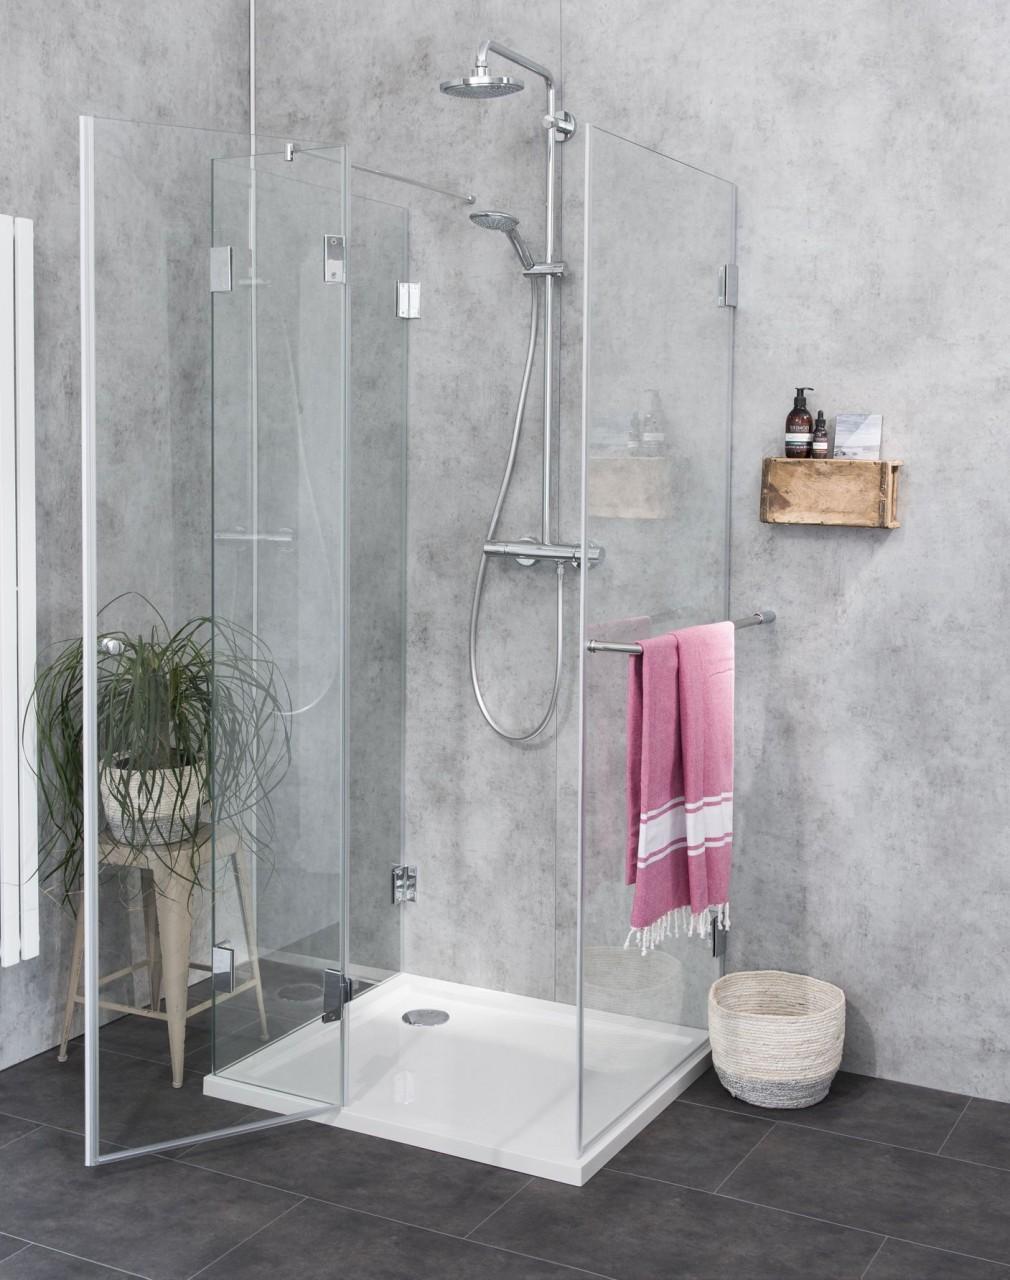 Duschkabine U Form auf Duschwanne